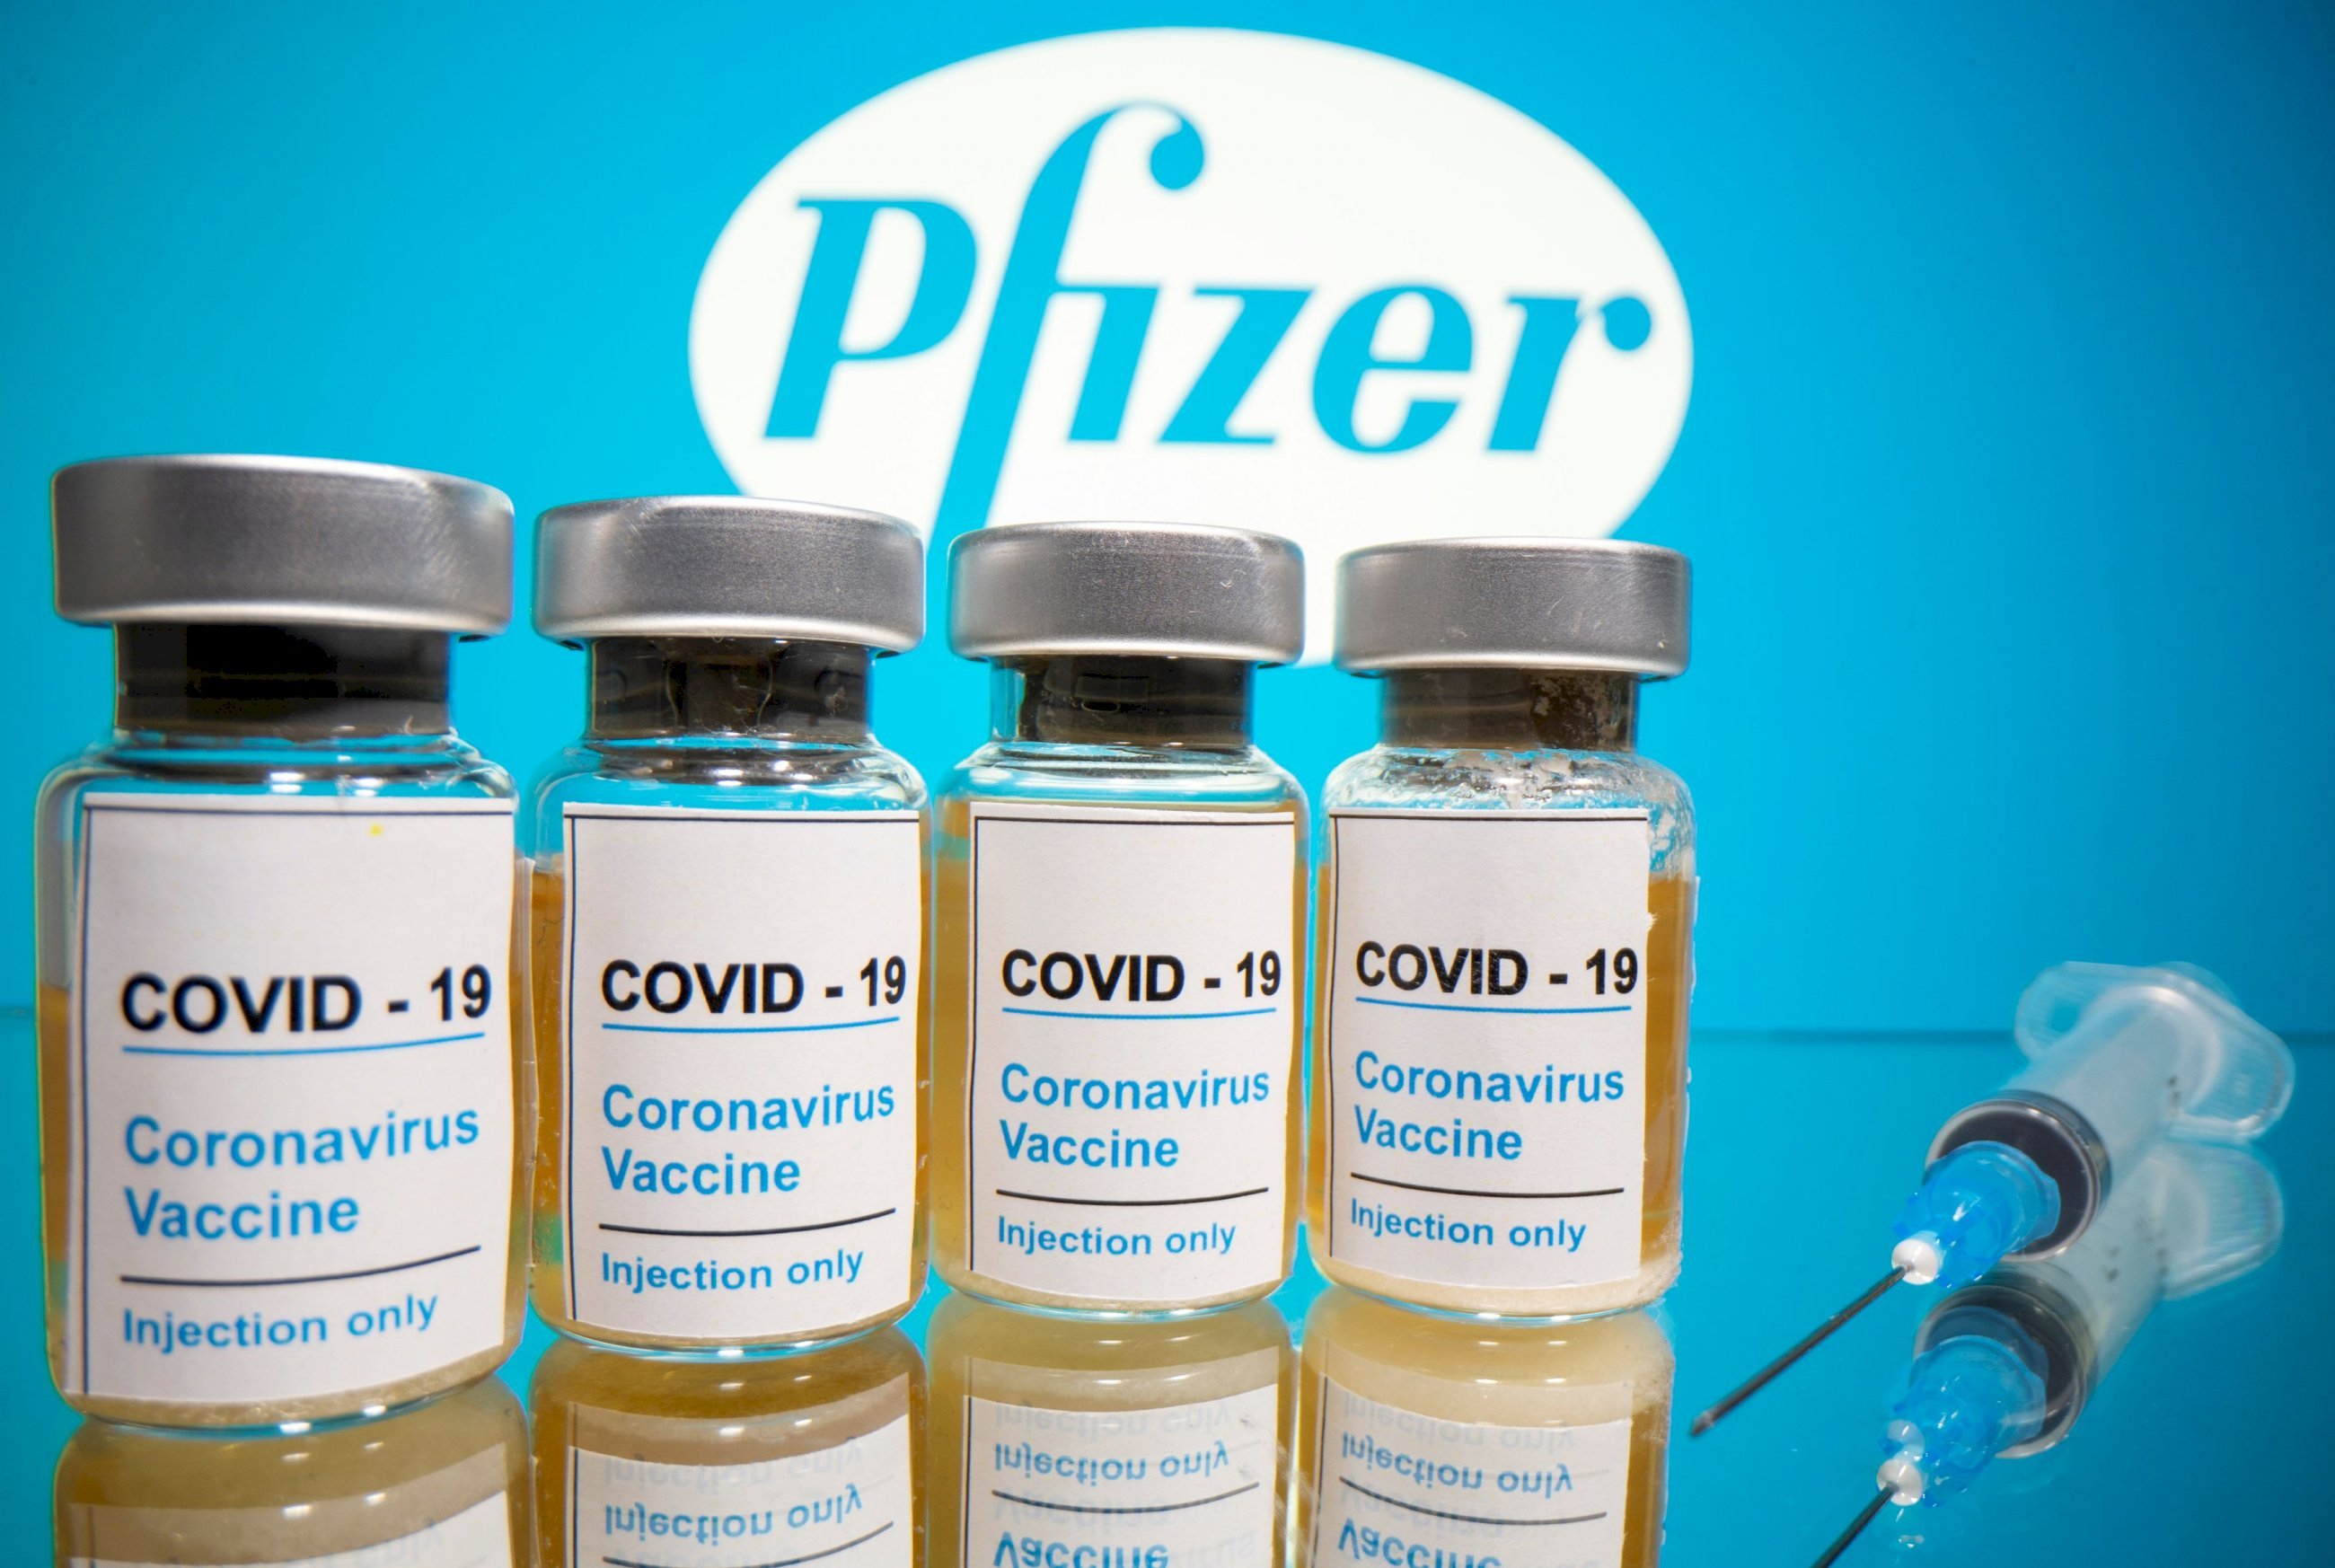 Más presión para el Aplidin: Pfizer anuncia que estudia un fármaco anti-Covid